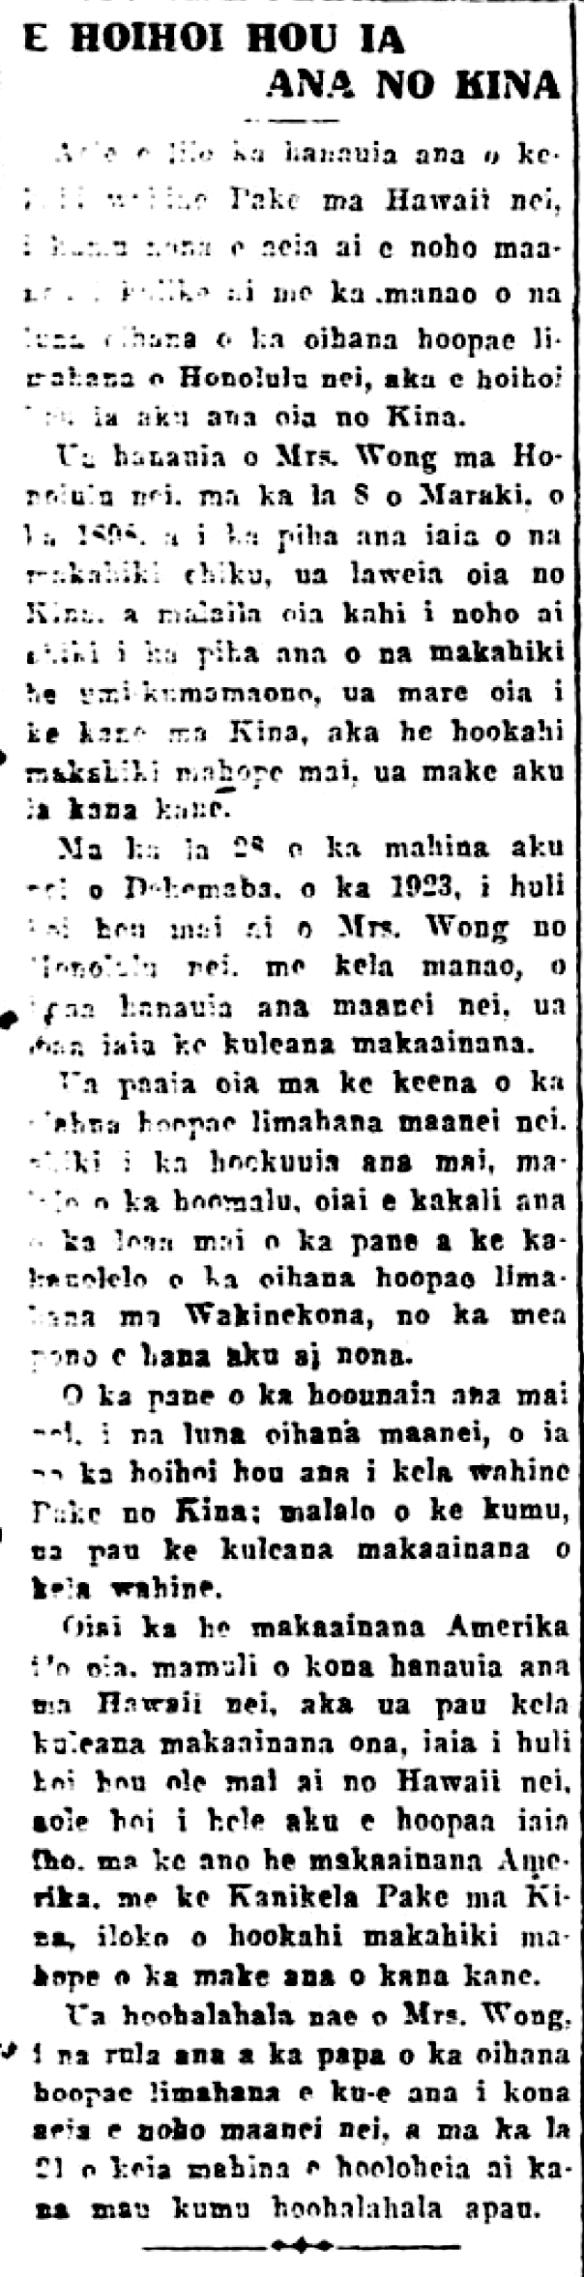 Kuokoa_4_3_1924_5.png